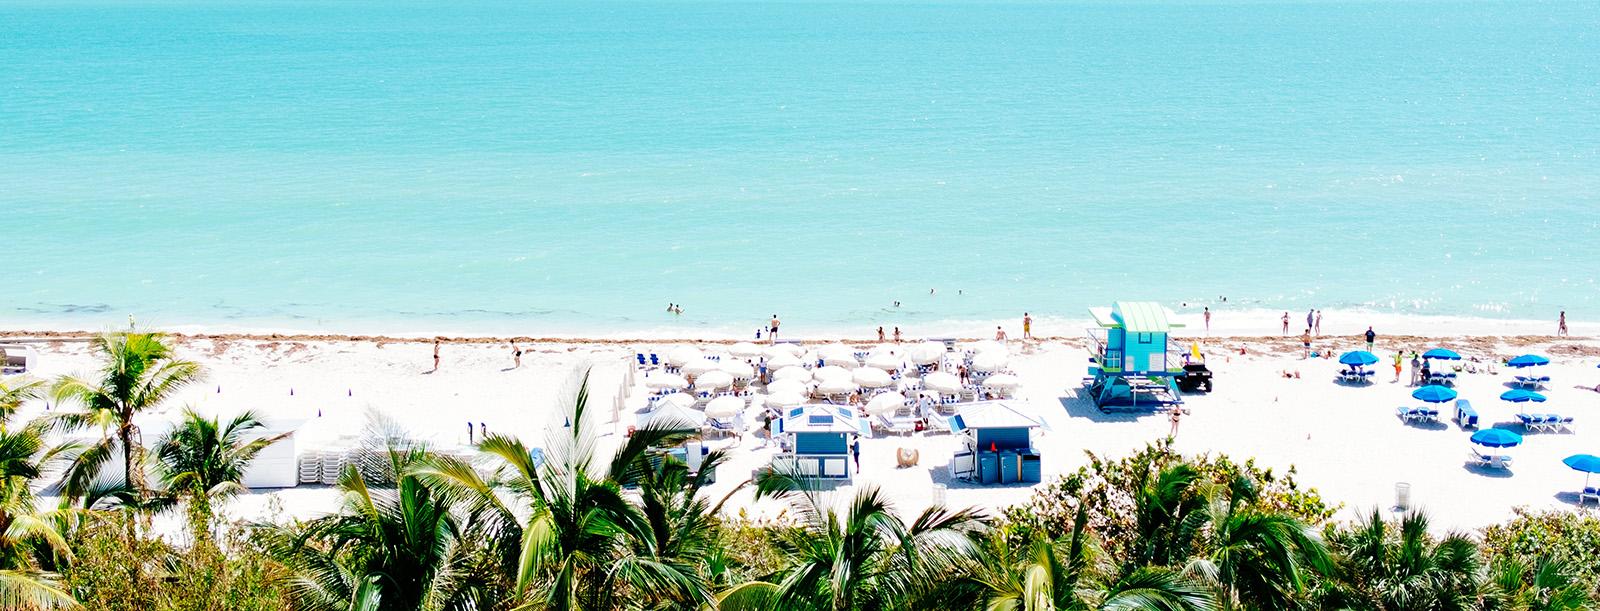 Des plages pour tous et à chacun sa plage en Floride